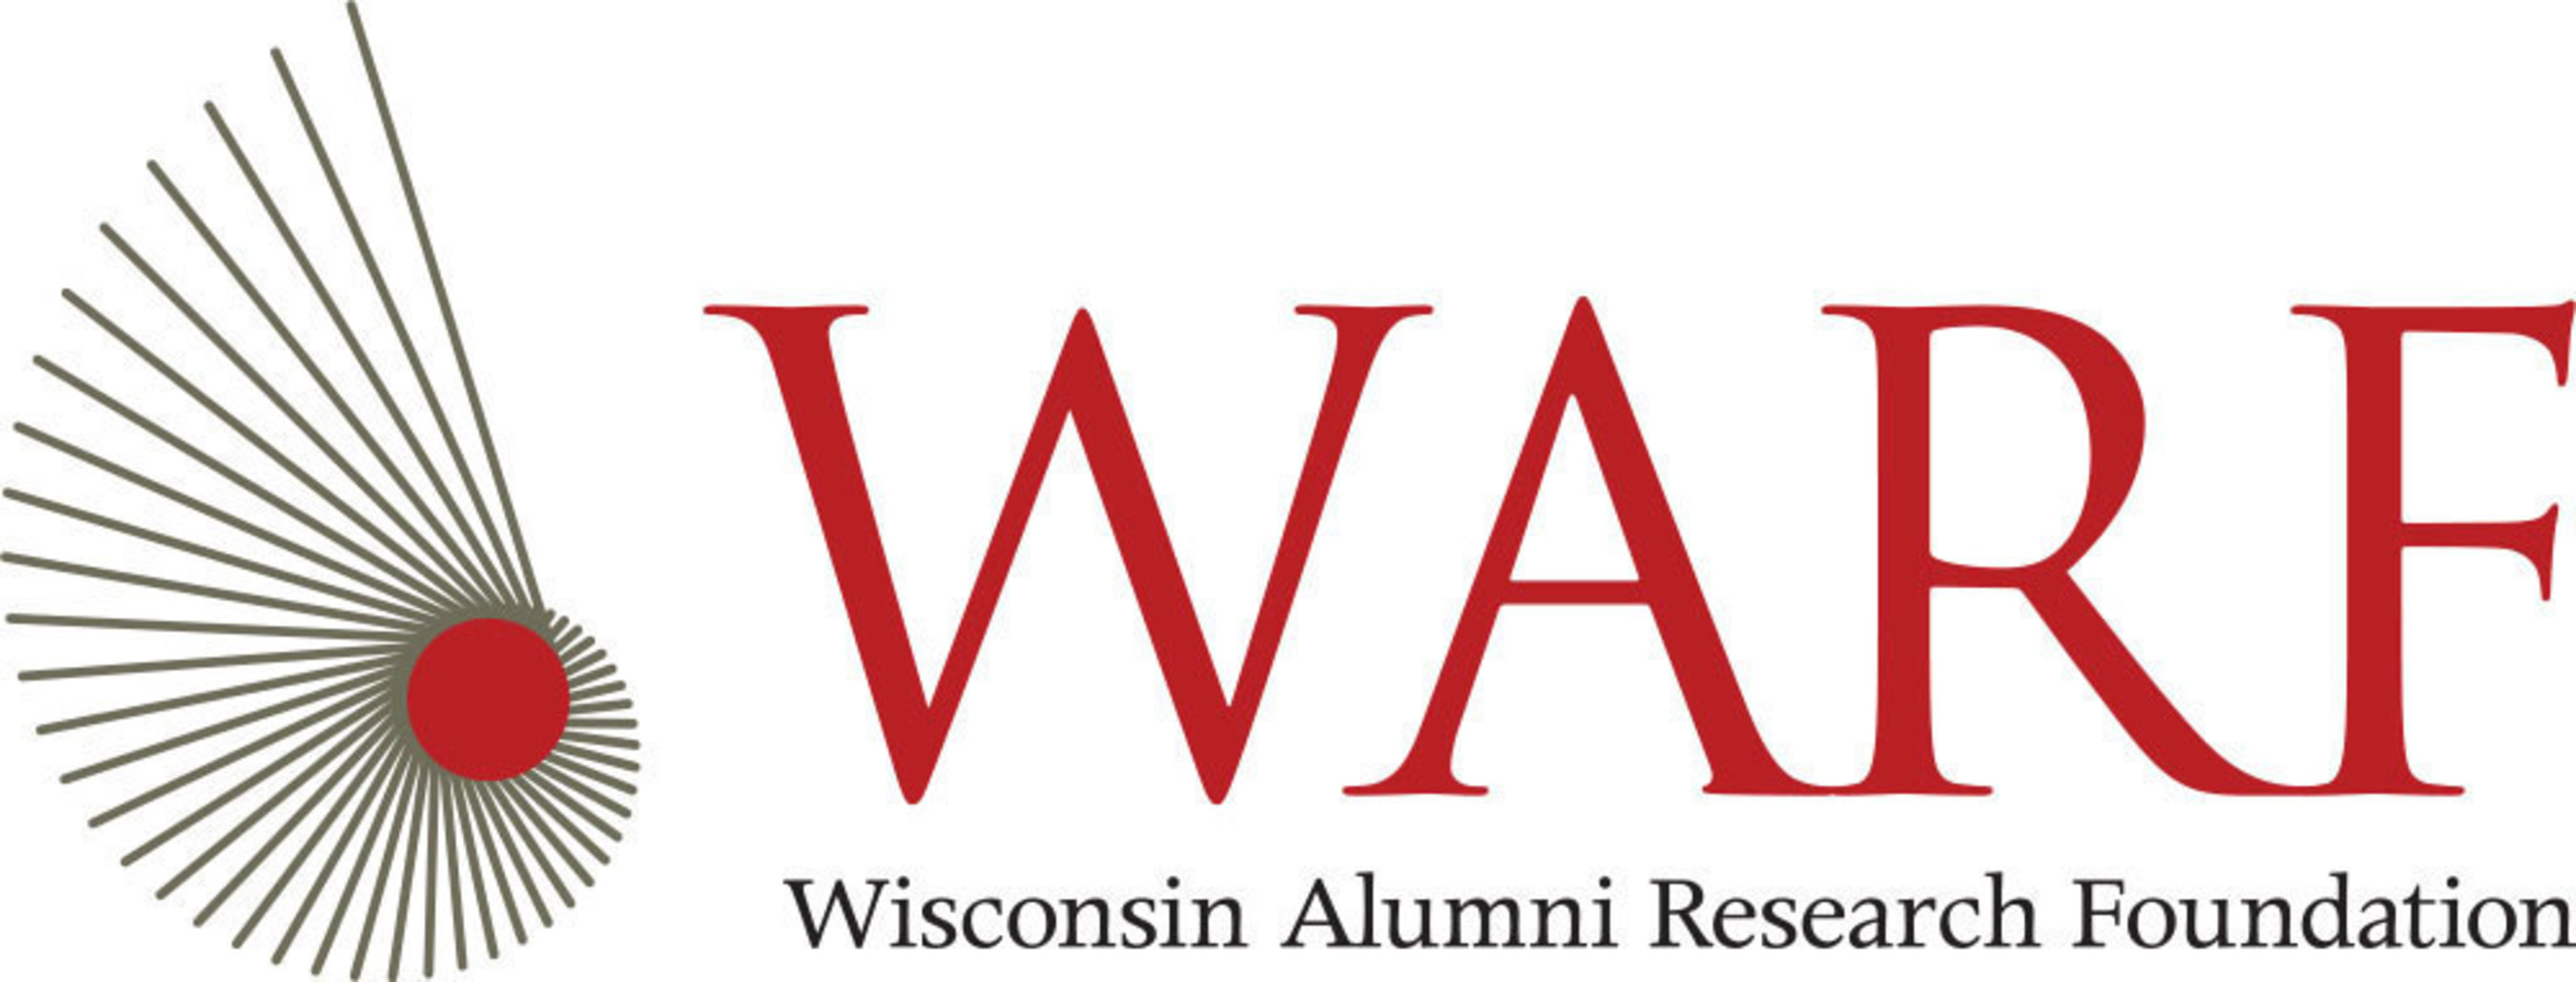 WARF Wins Patent Infringement Lawsuit Against Apple Inc.